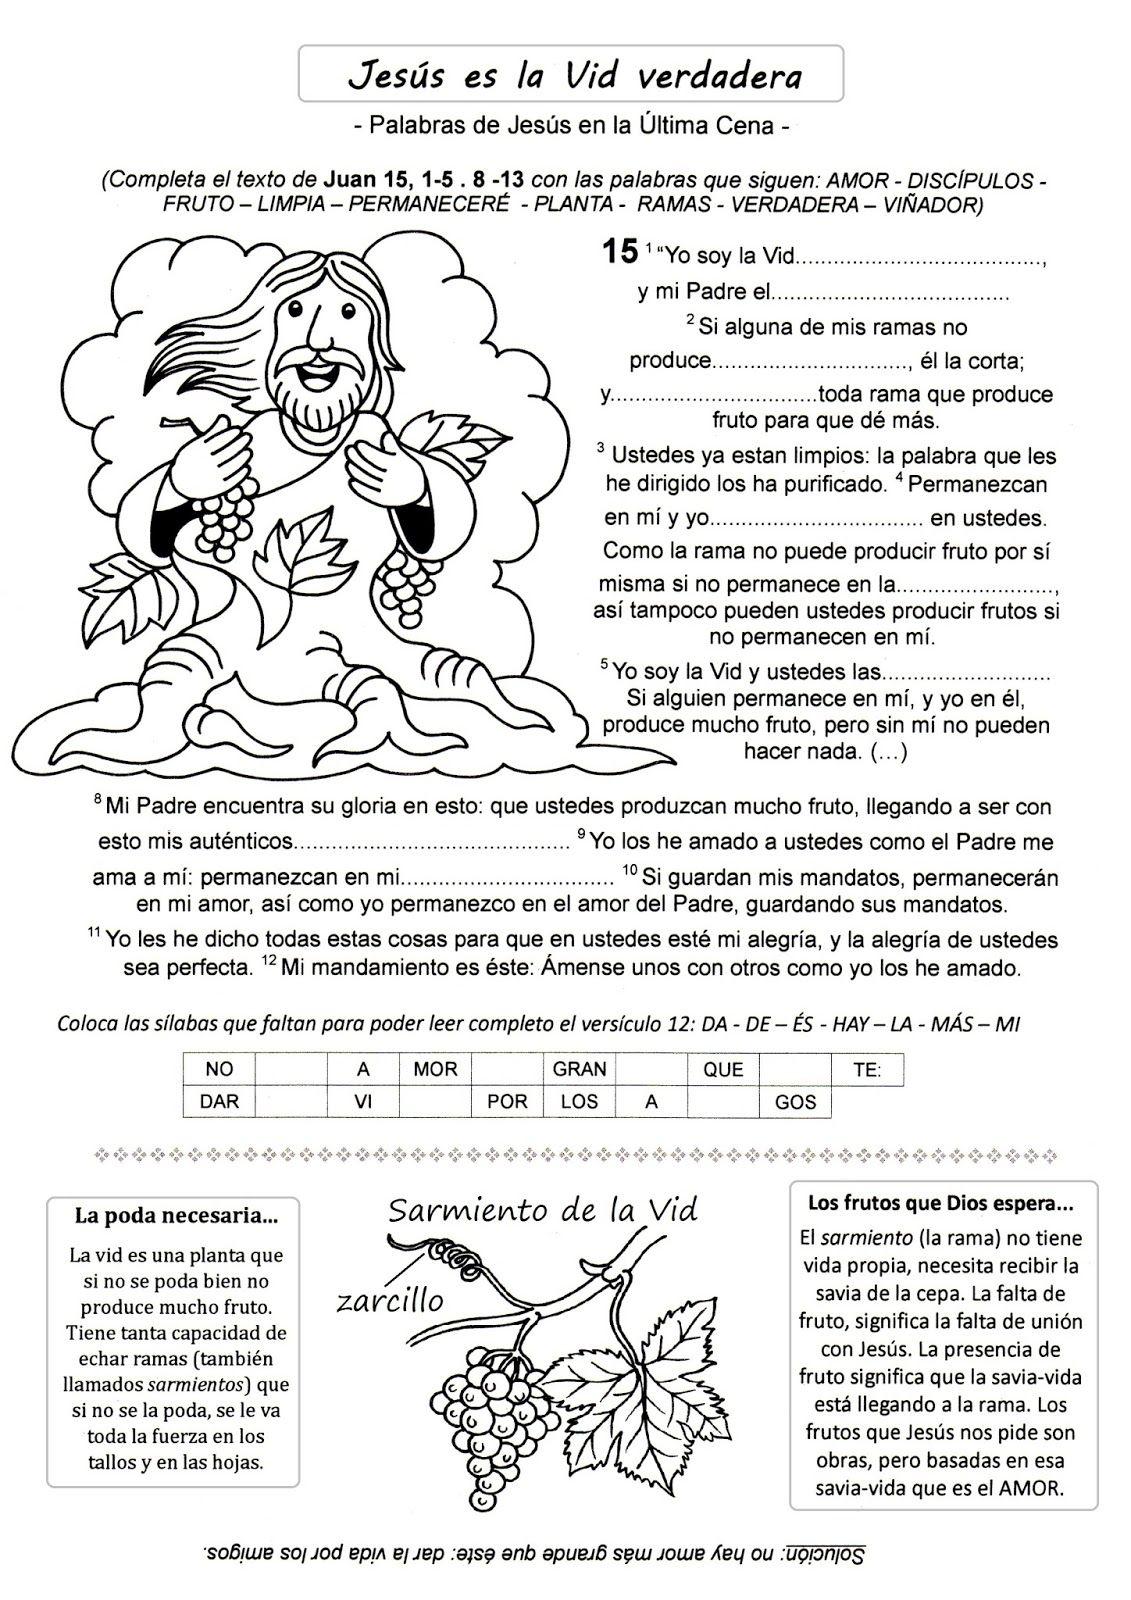 Pin de Mary Samir en كتاب مسابقات   Pinterest   De jesus, Amigos y ...